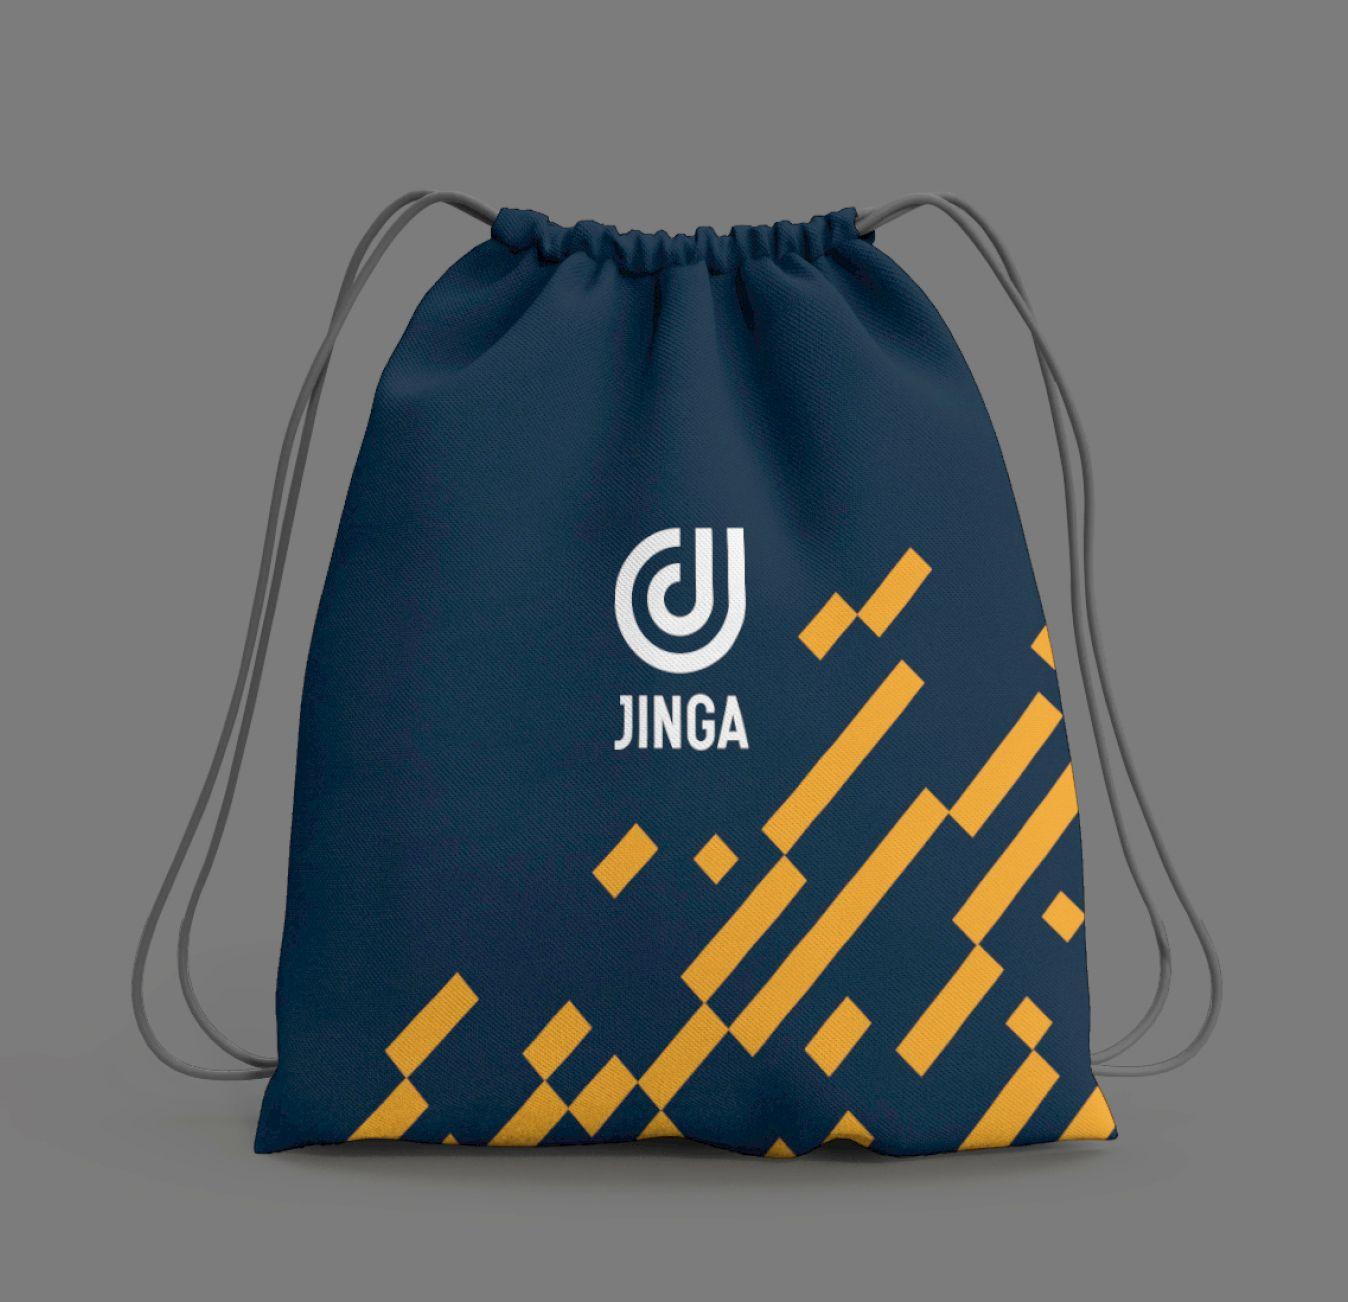 Jinga branded bag